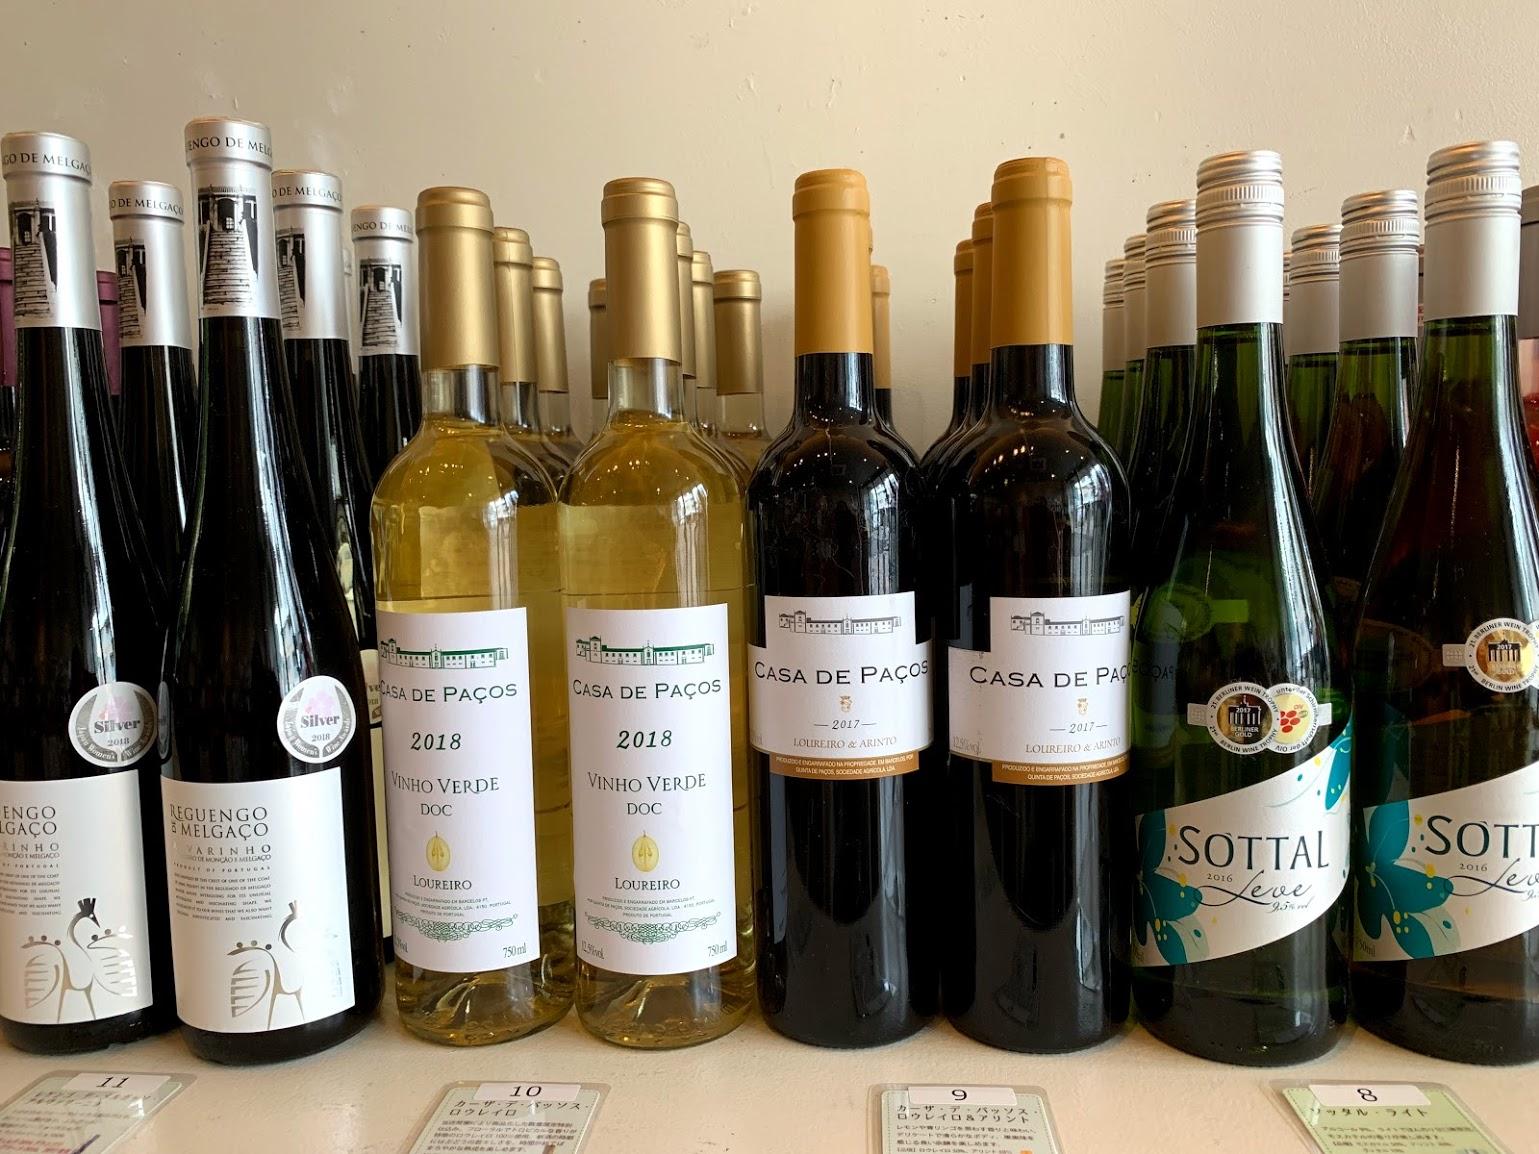 夏に冷やして美味しいポルトガルワインがずらり